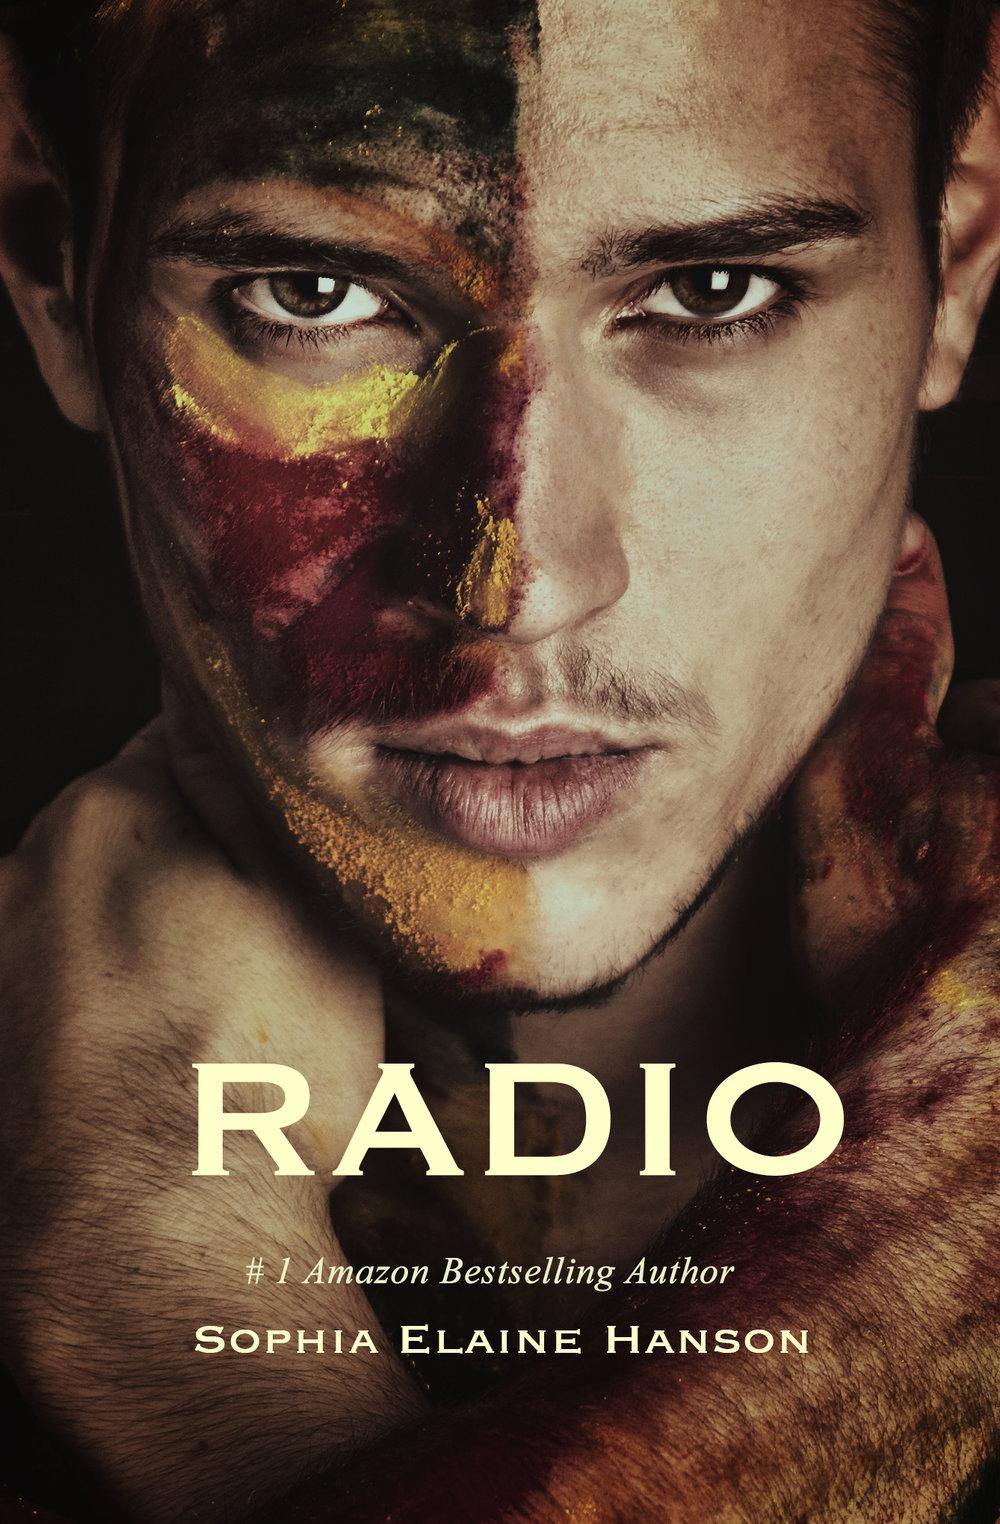 Radio by author Sophia Elaine Hanson